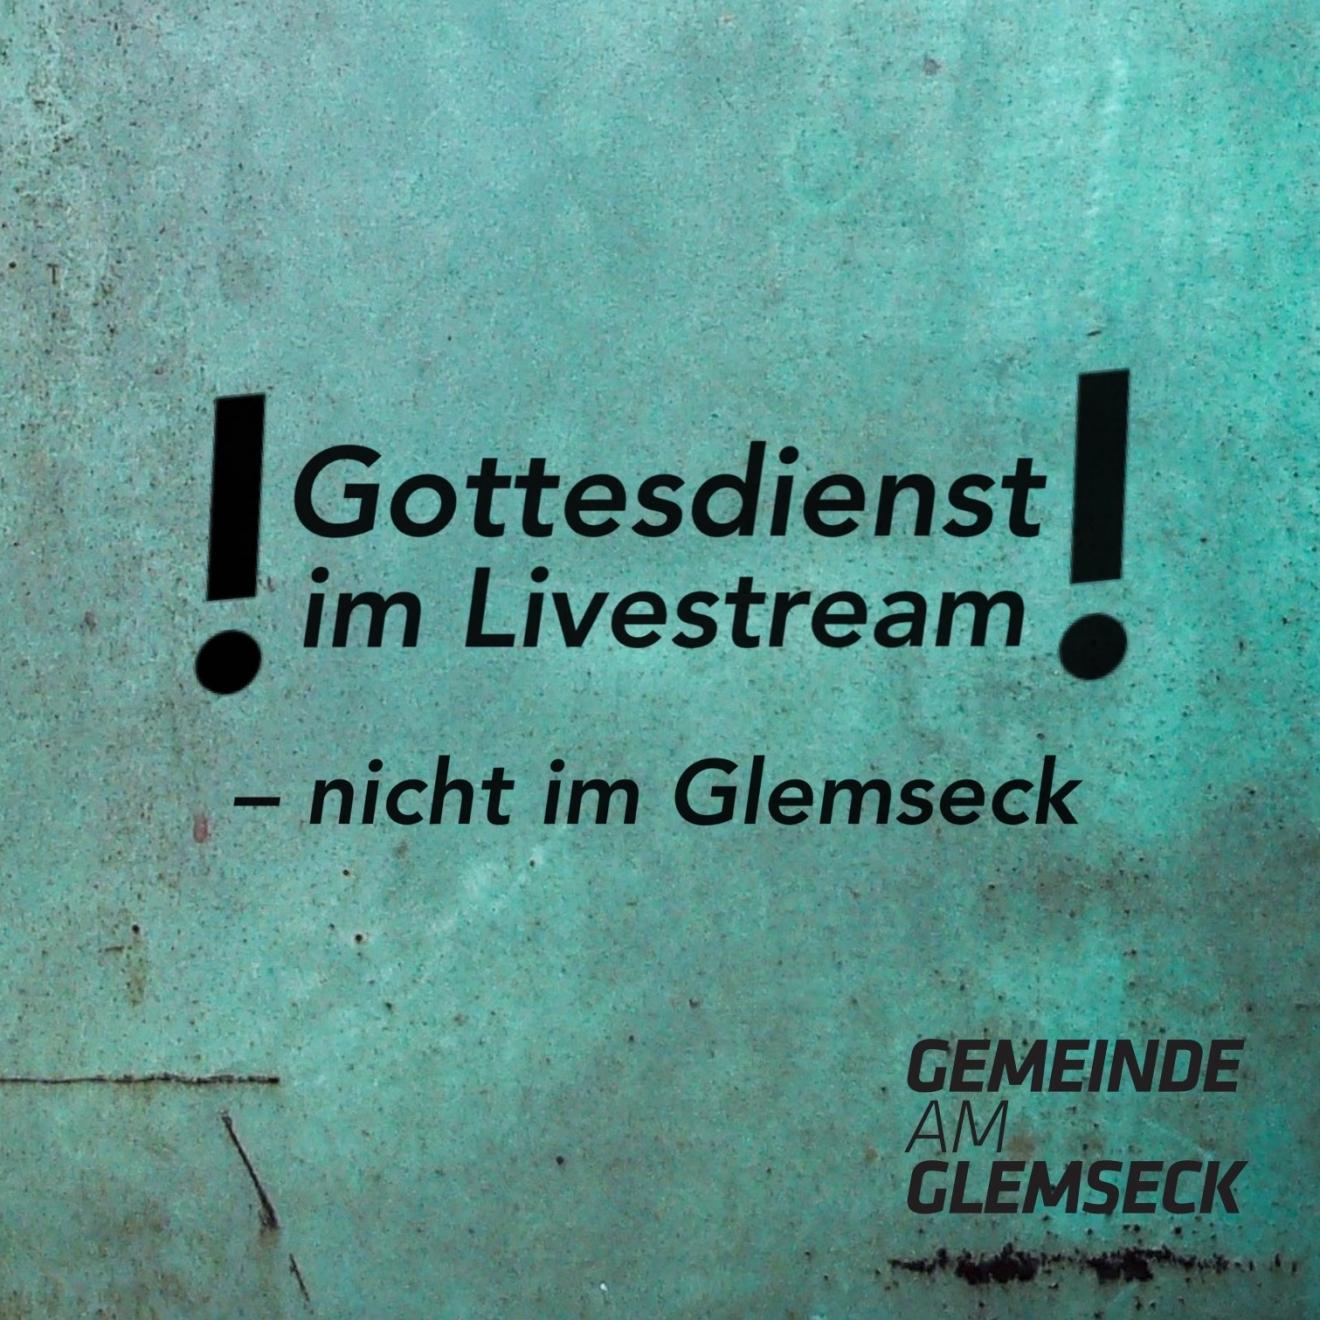 Godi-Livestream GaG auf FB